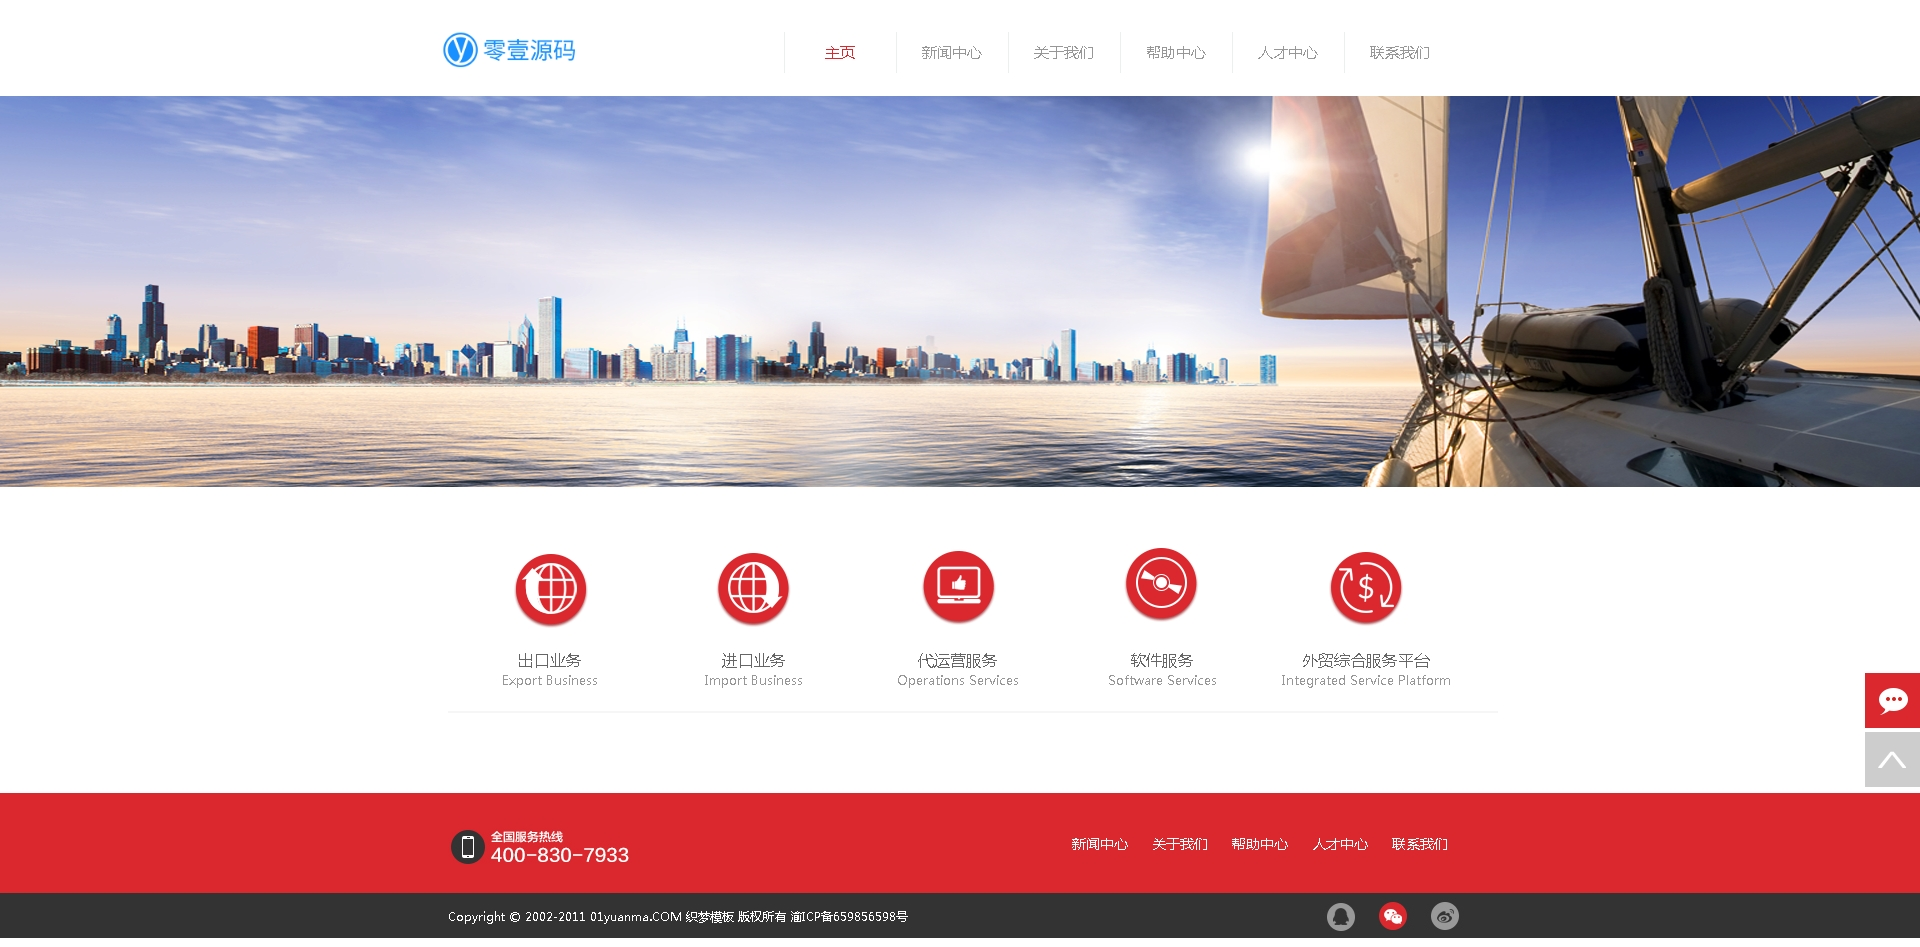 简洁红色电子商务类企业网站织梦dedecms模板